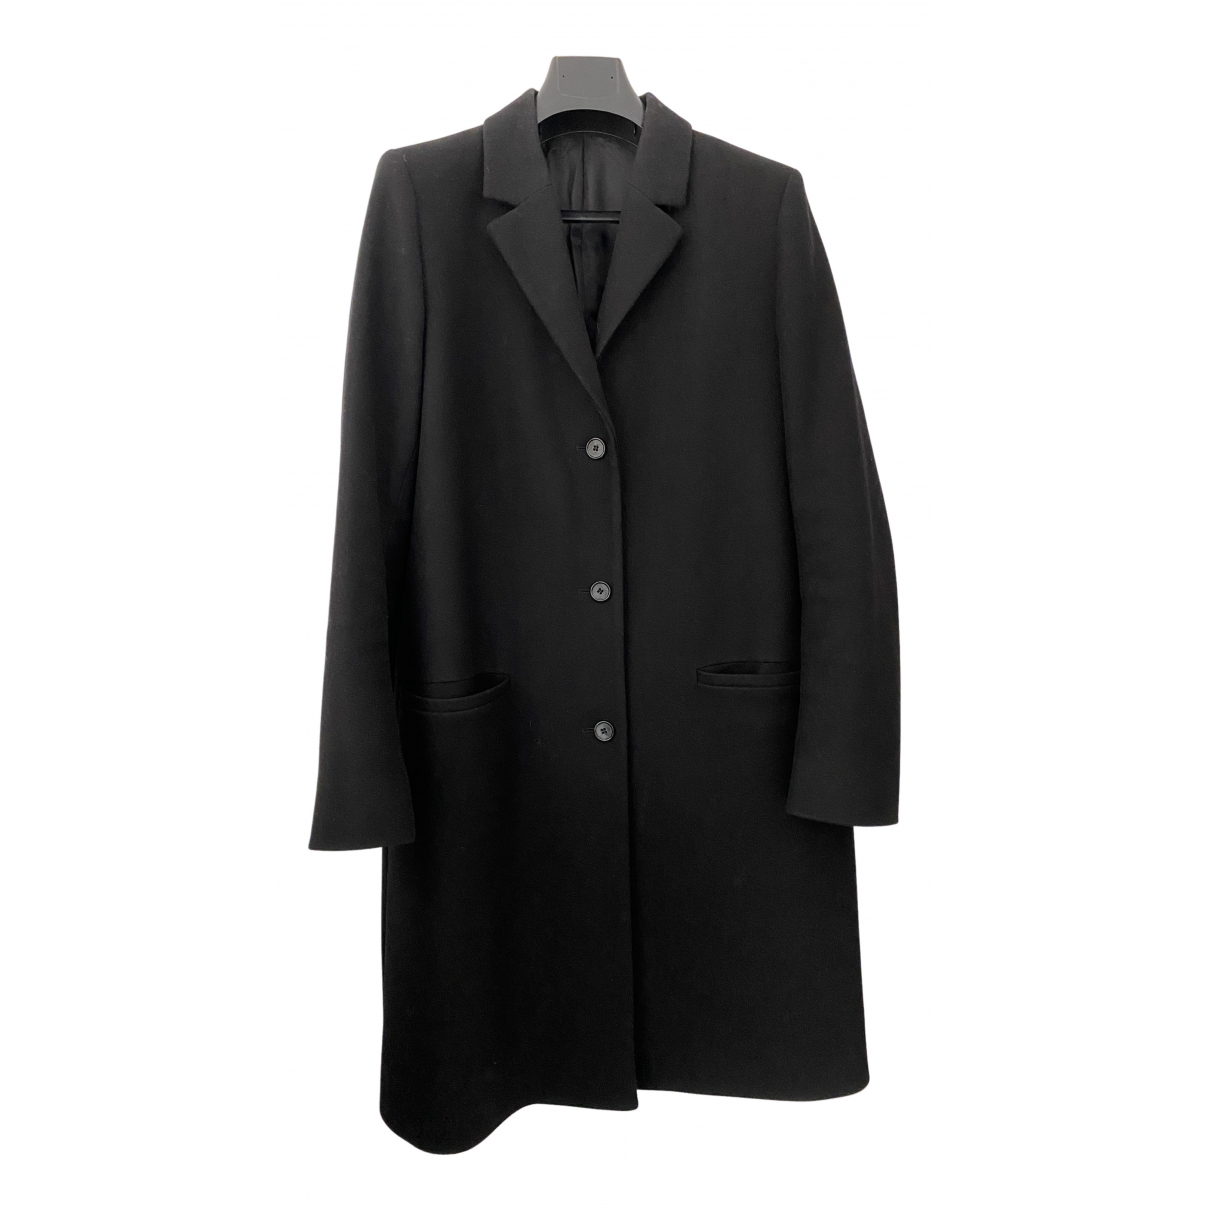 Cos - Manteau   pour homme en laine - noir